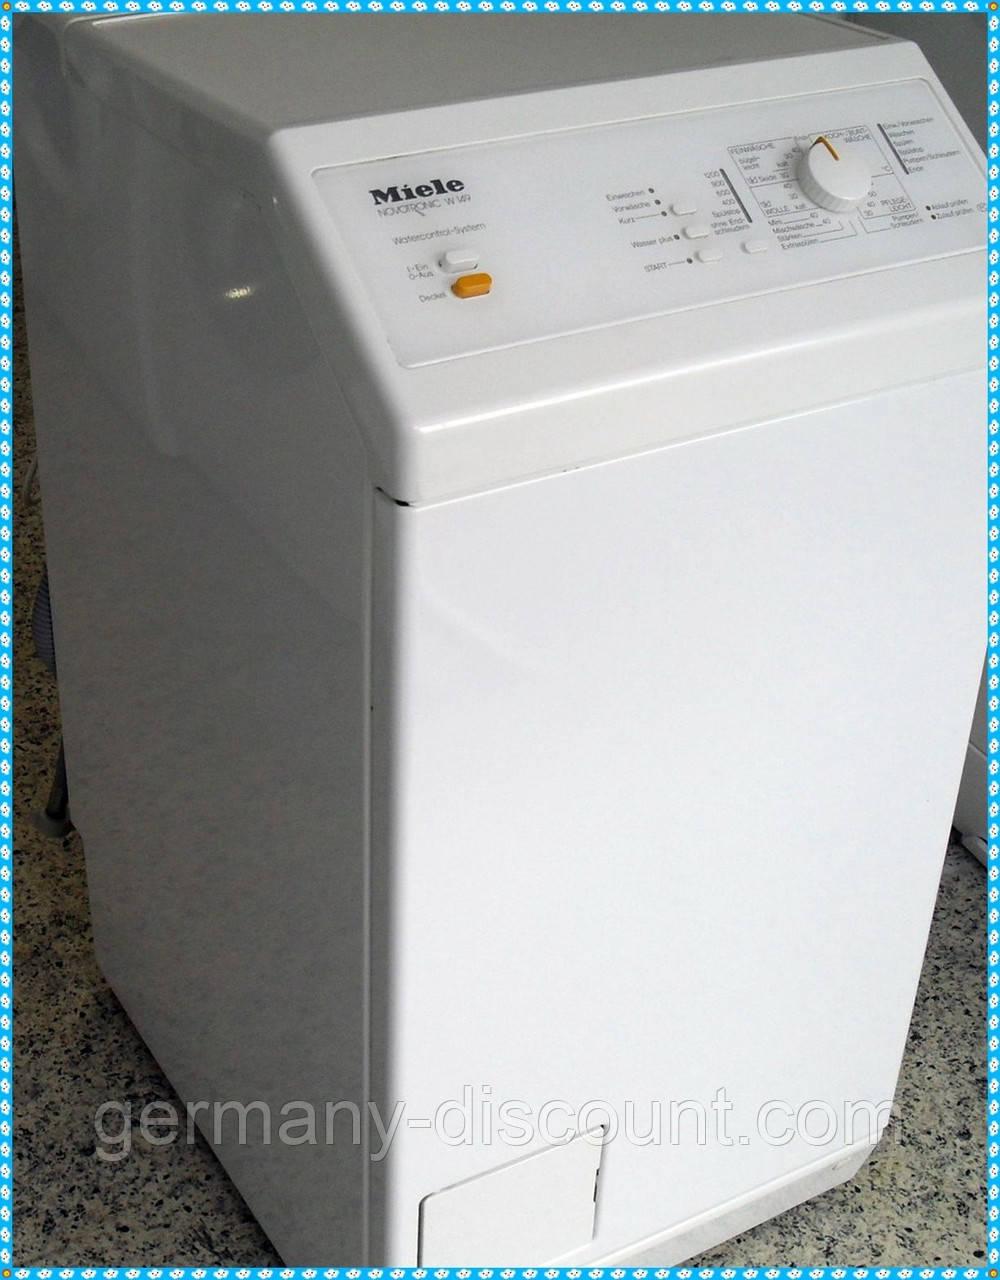 инструкция по эксплуатации стиральной машины lg f1096nd5